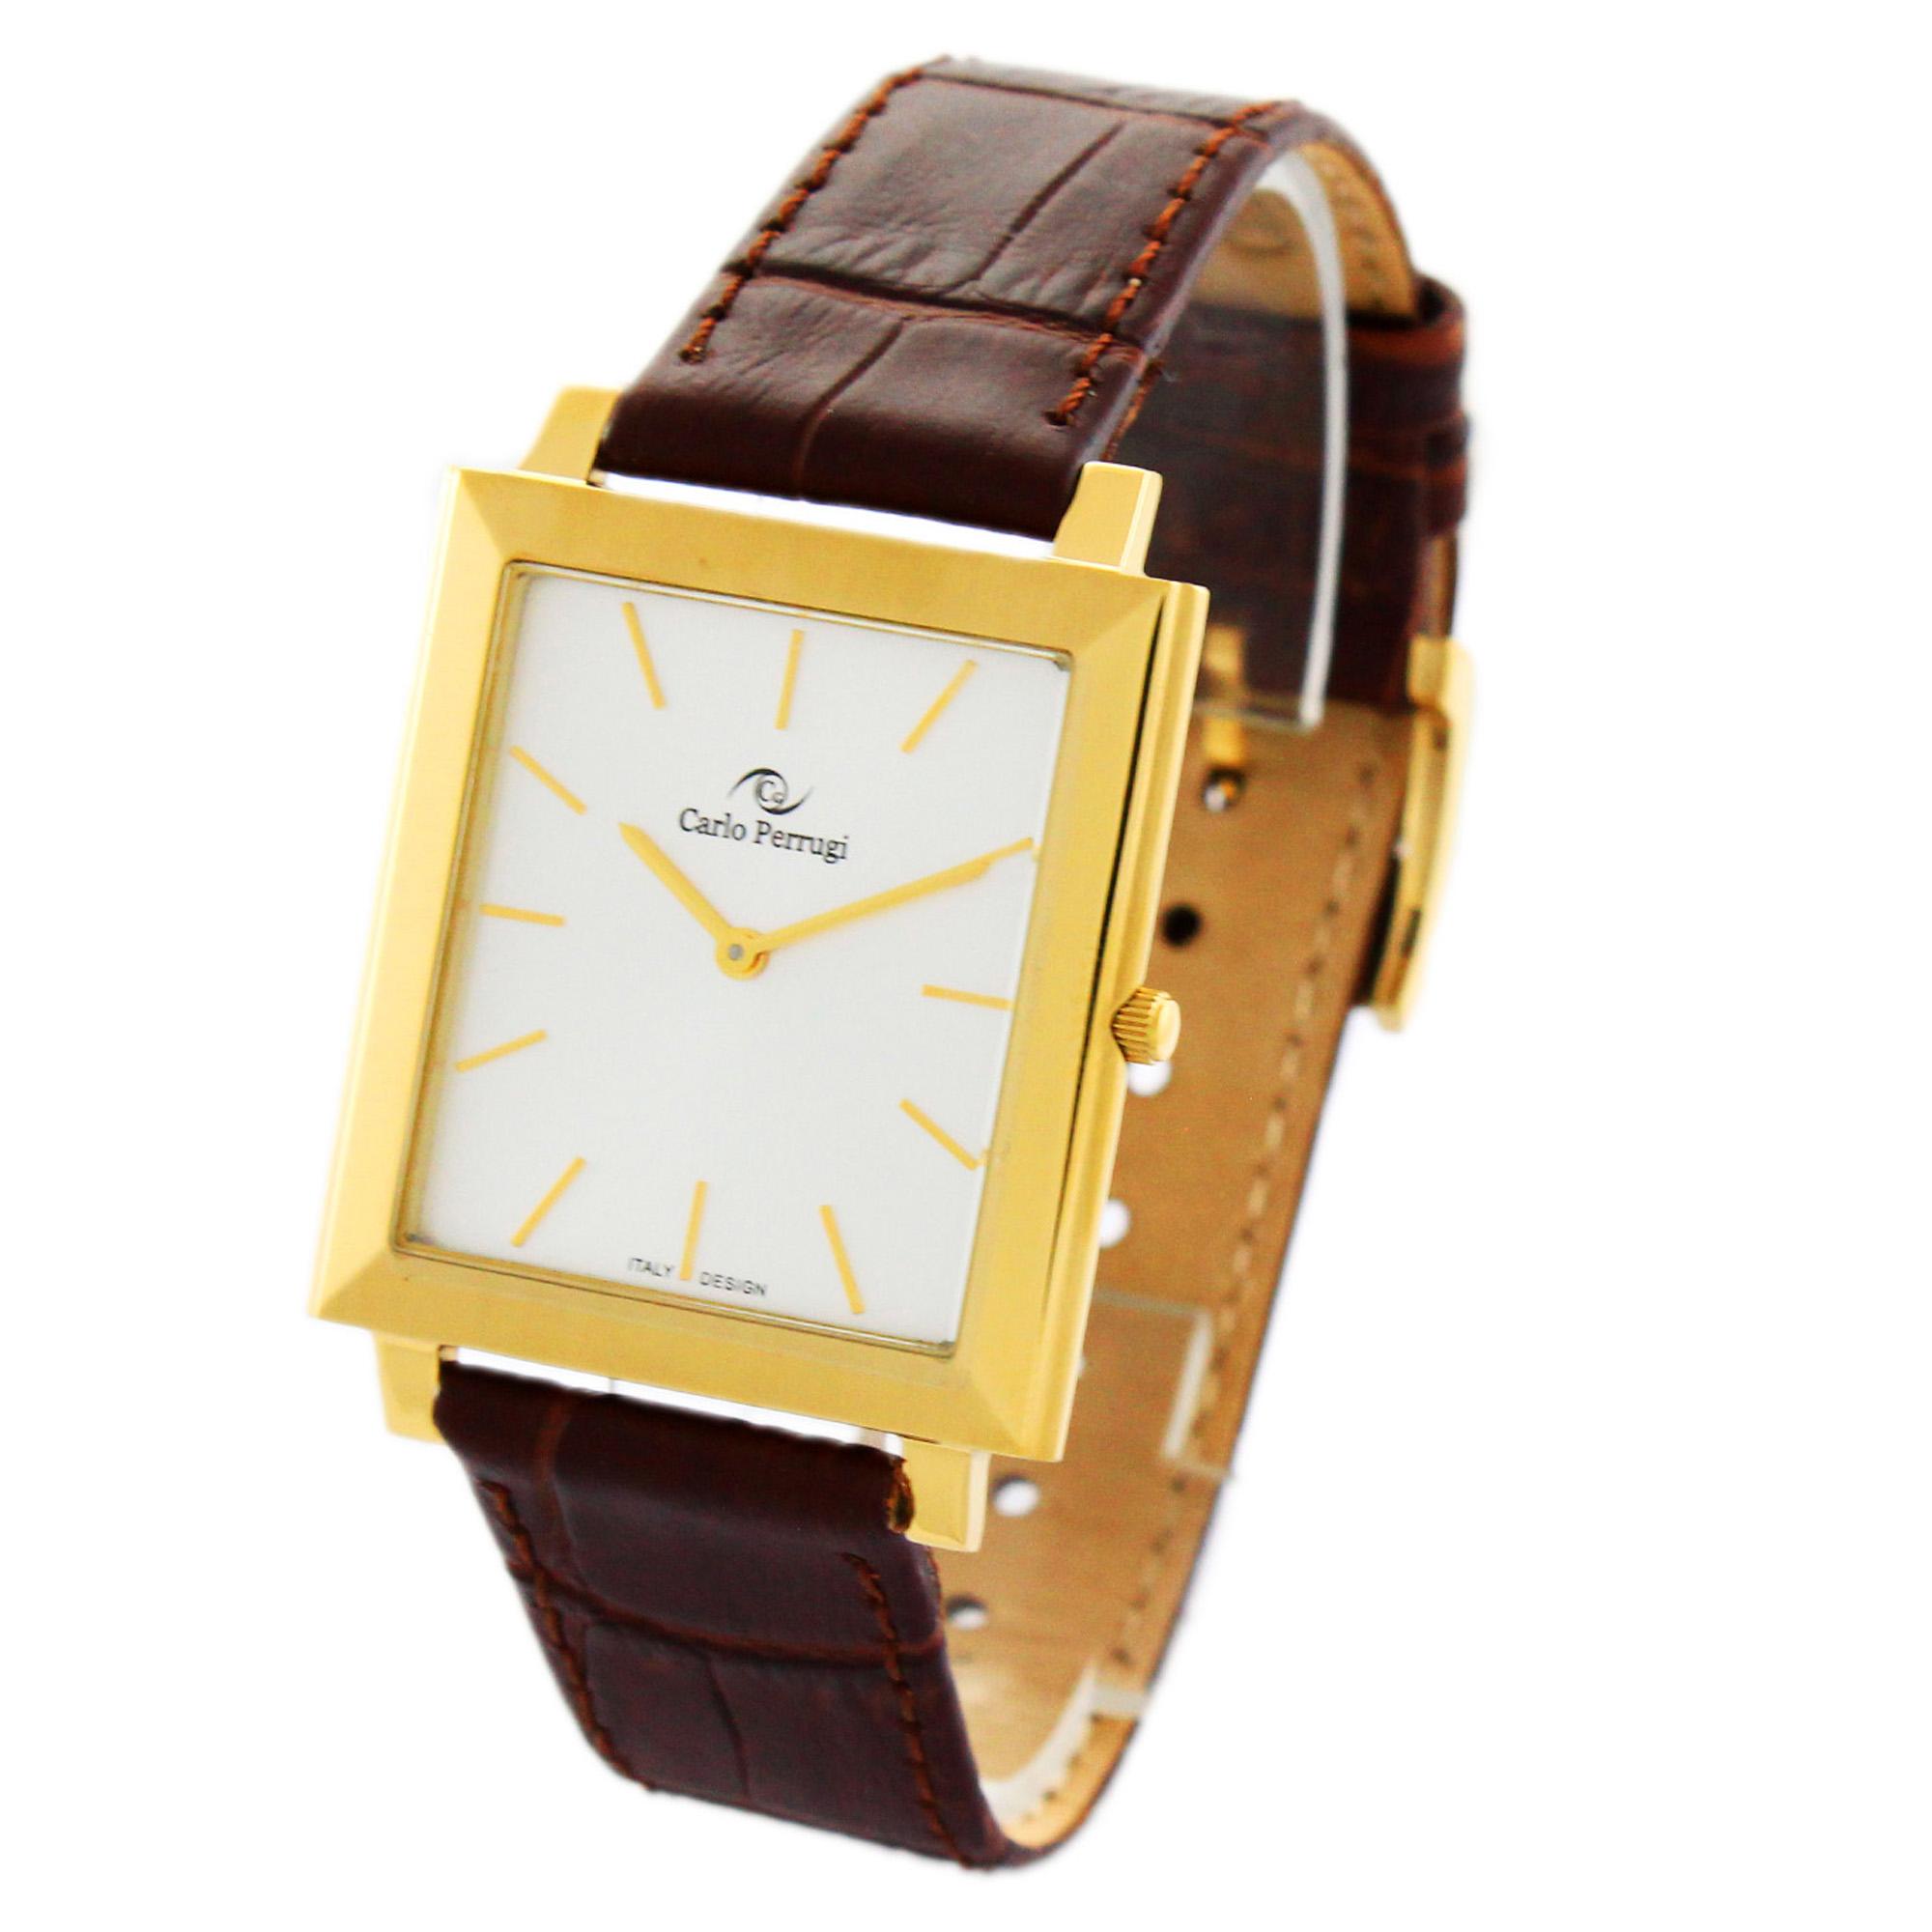 ساعت مچی عقربه ای مردانه کارلو پروجی مدل CG0077